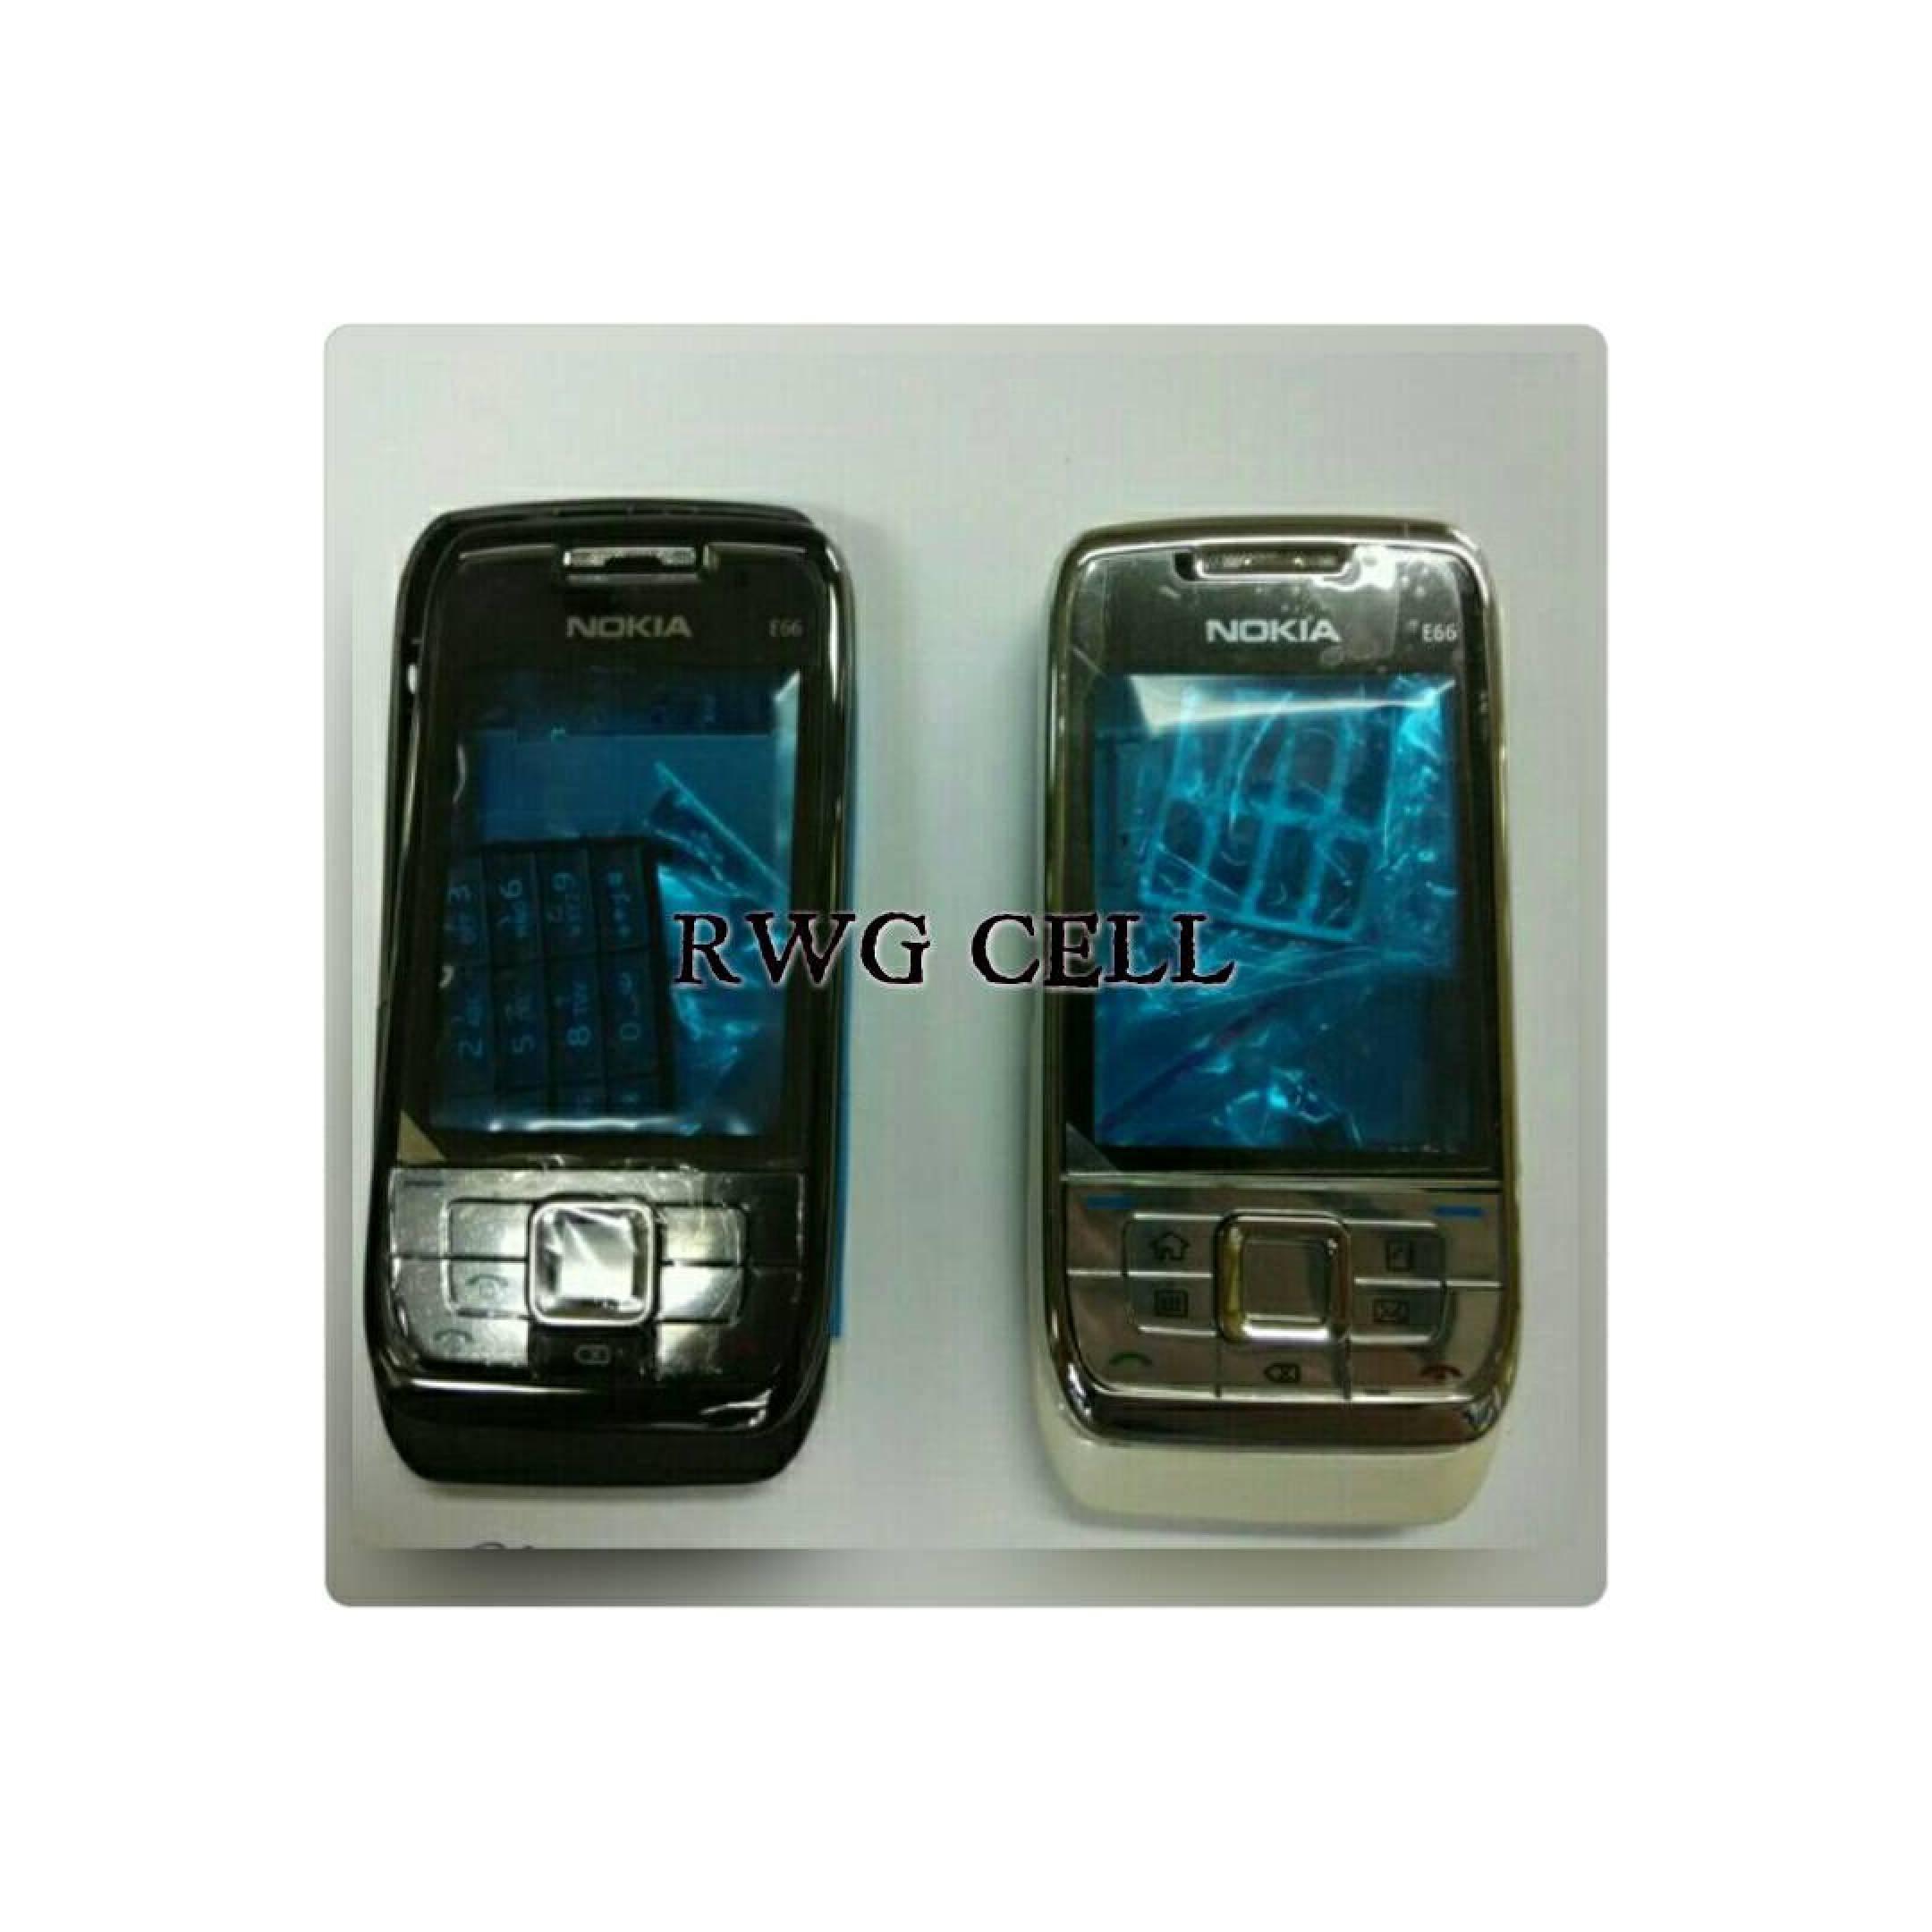 Vizz Battery For Samsung Galaxy Ace 3 S7272 S7270 S7275 V Cassing Casing Housing G313 G313h Fullset Nokia E66 Full Set